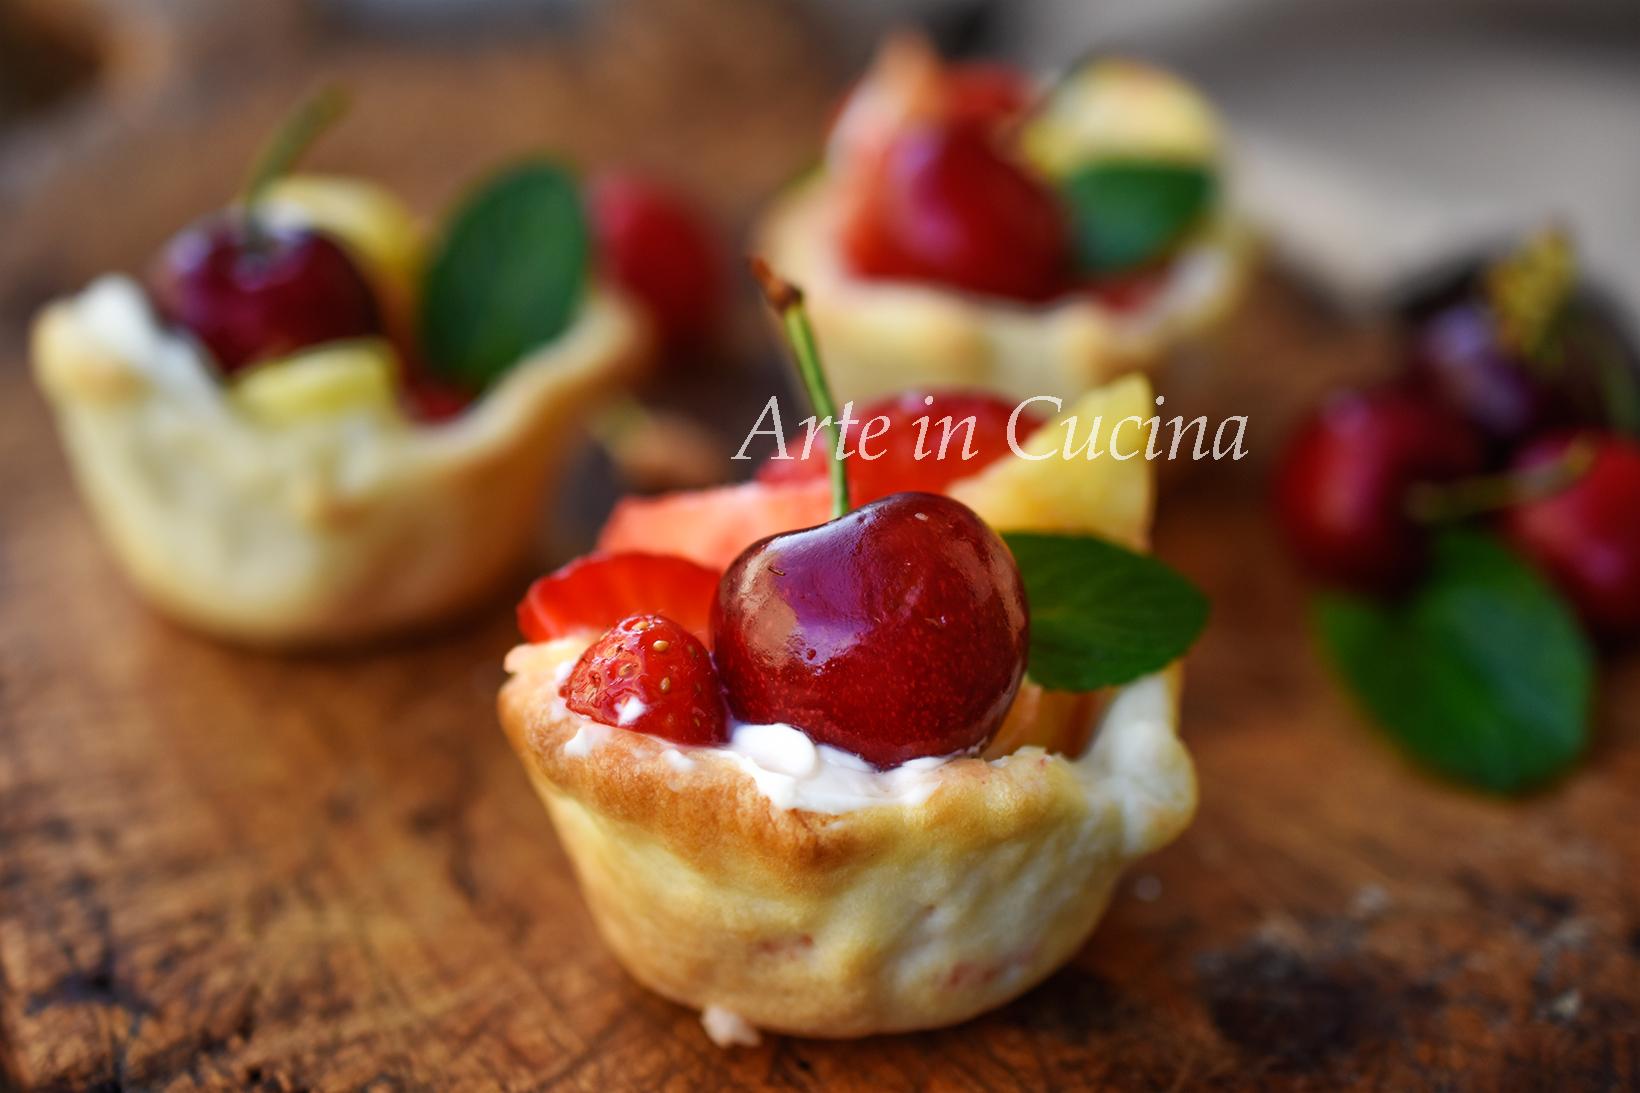 Cestini di frolla ripieni di frutta e mascarpone piccola pasticceria vickyart arte in cucina